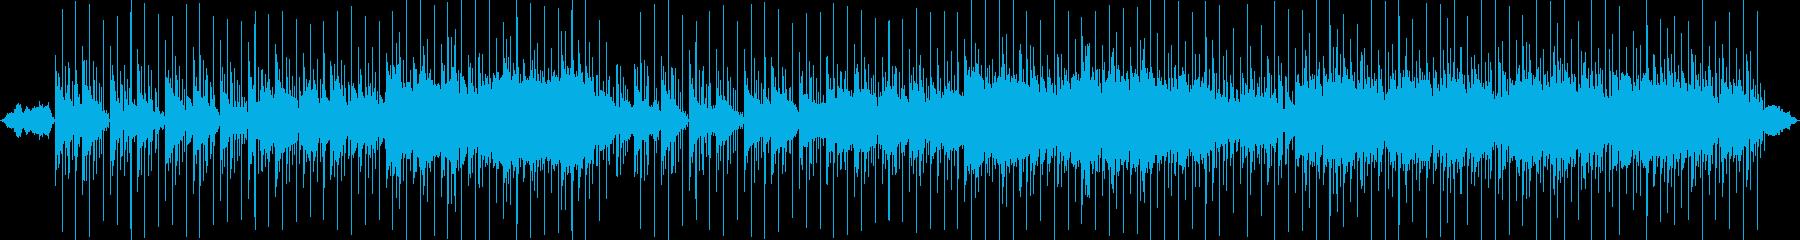 幻想的で響きがおしゃれなメロディーの再生済みの波形